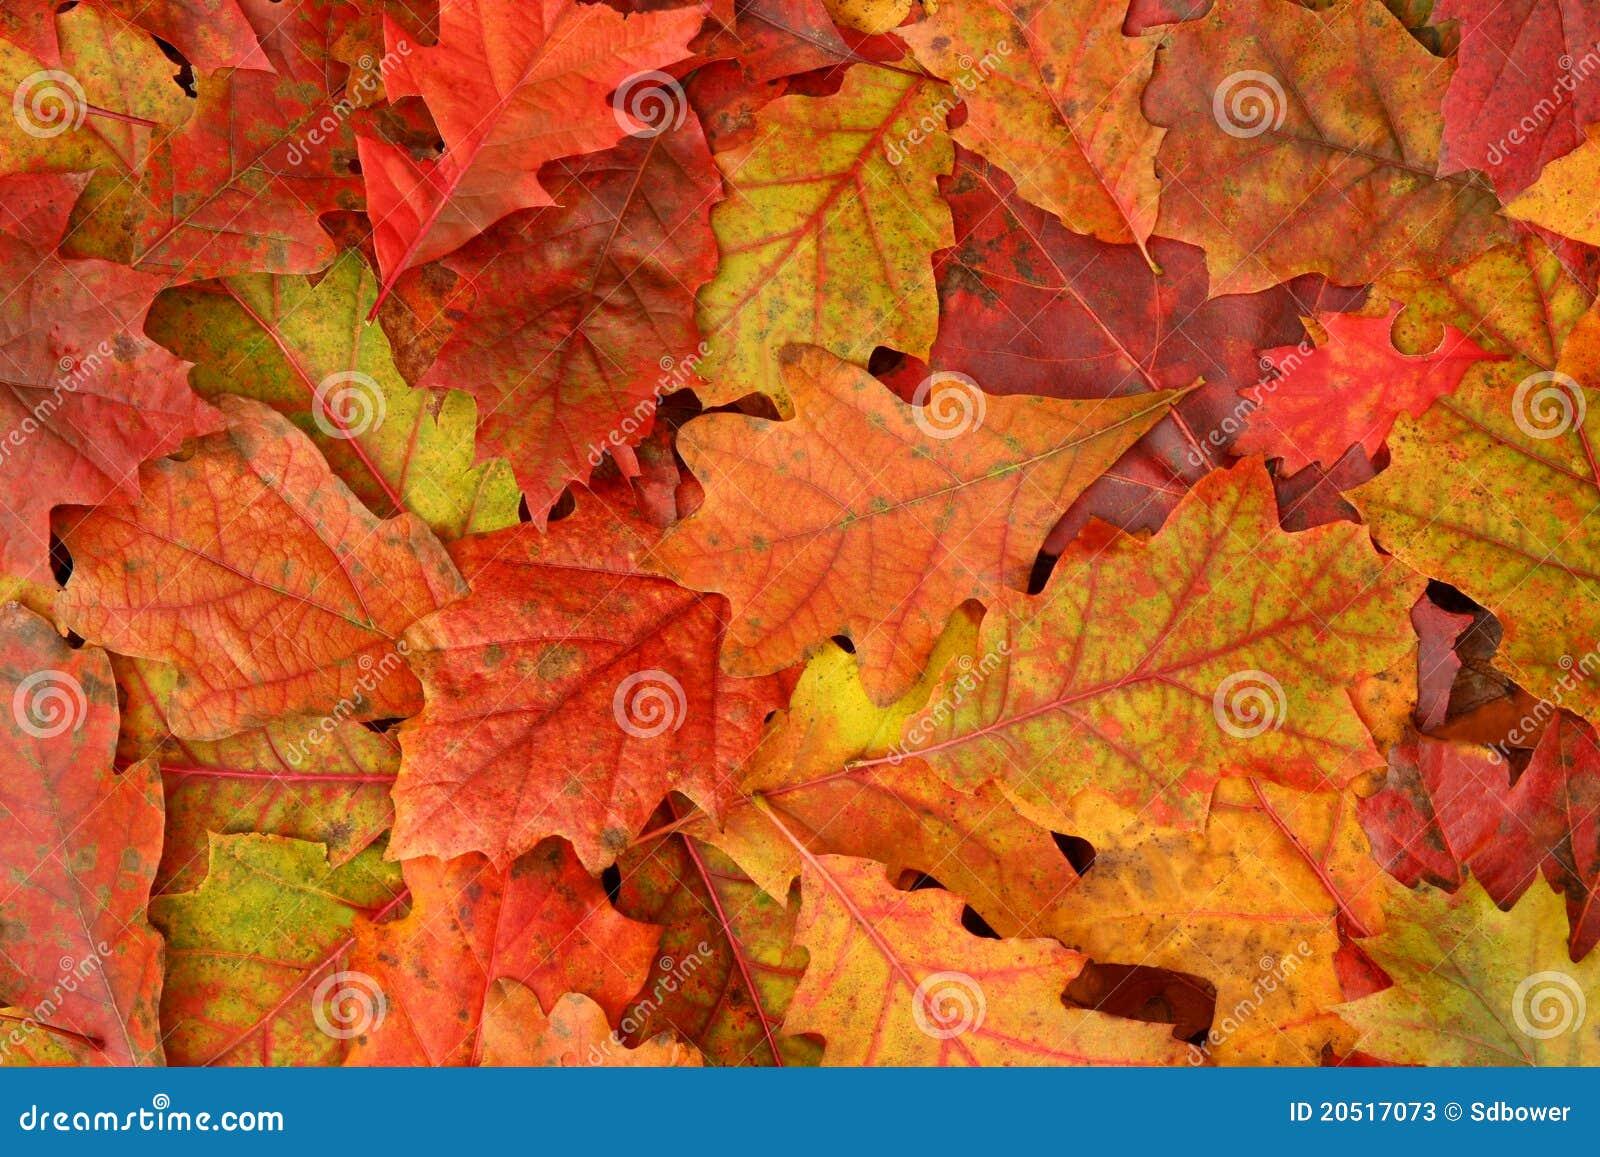 Den färgrika fallen låter vara oaken